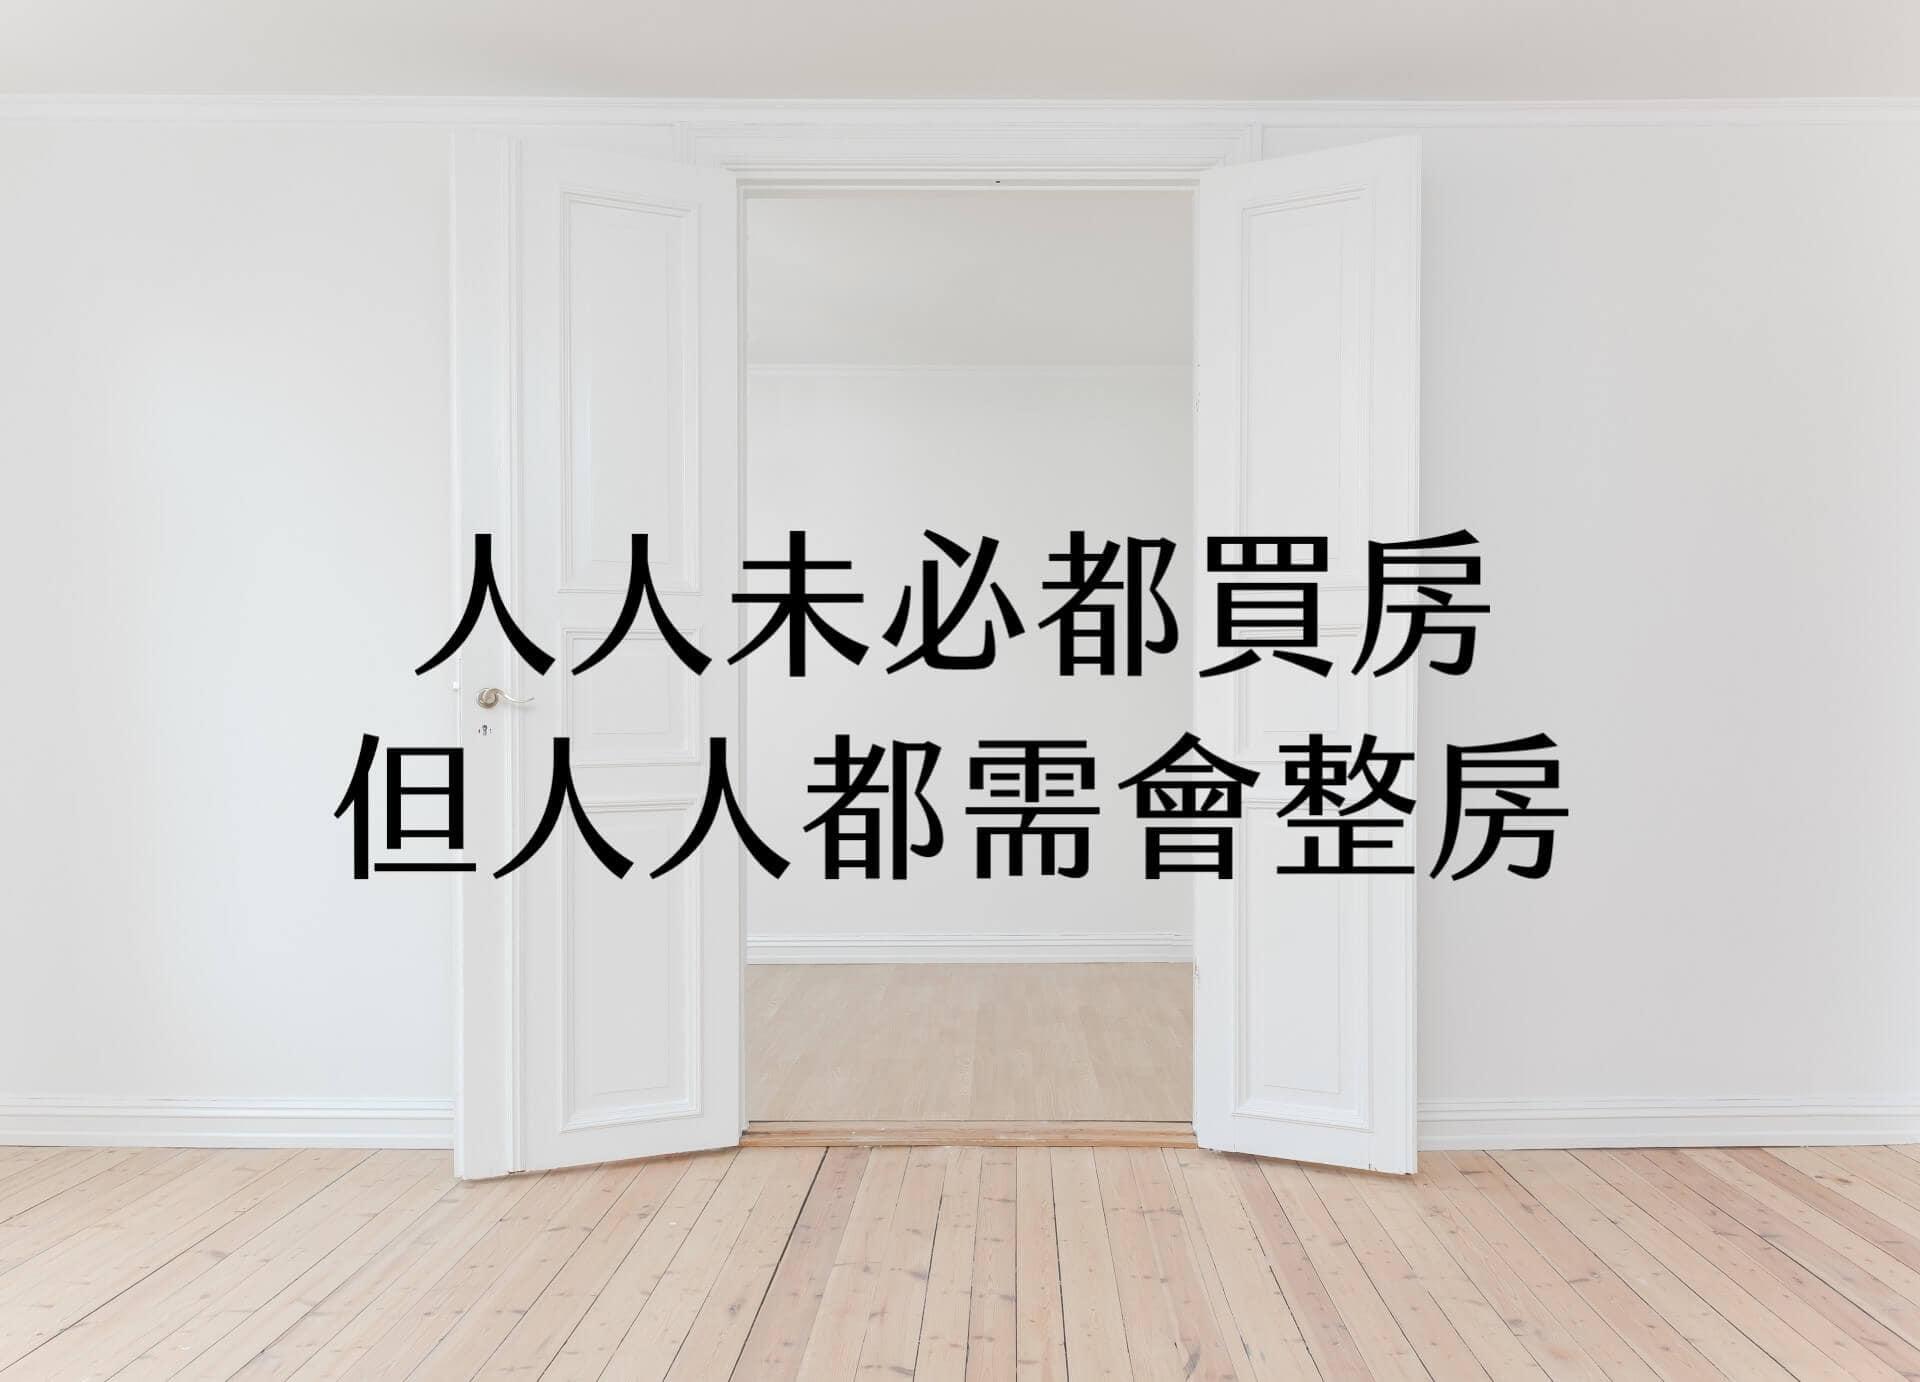 【輕佈置心得】人人未必都買房,但人人都需會整房 1